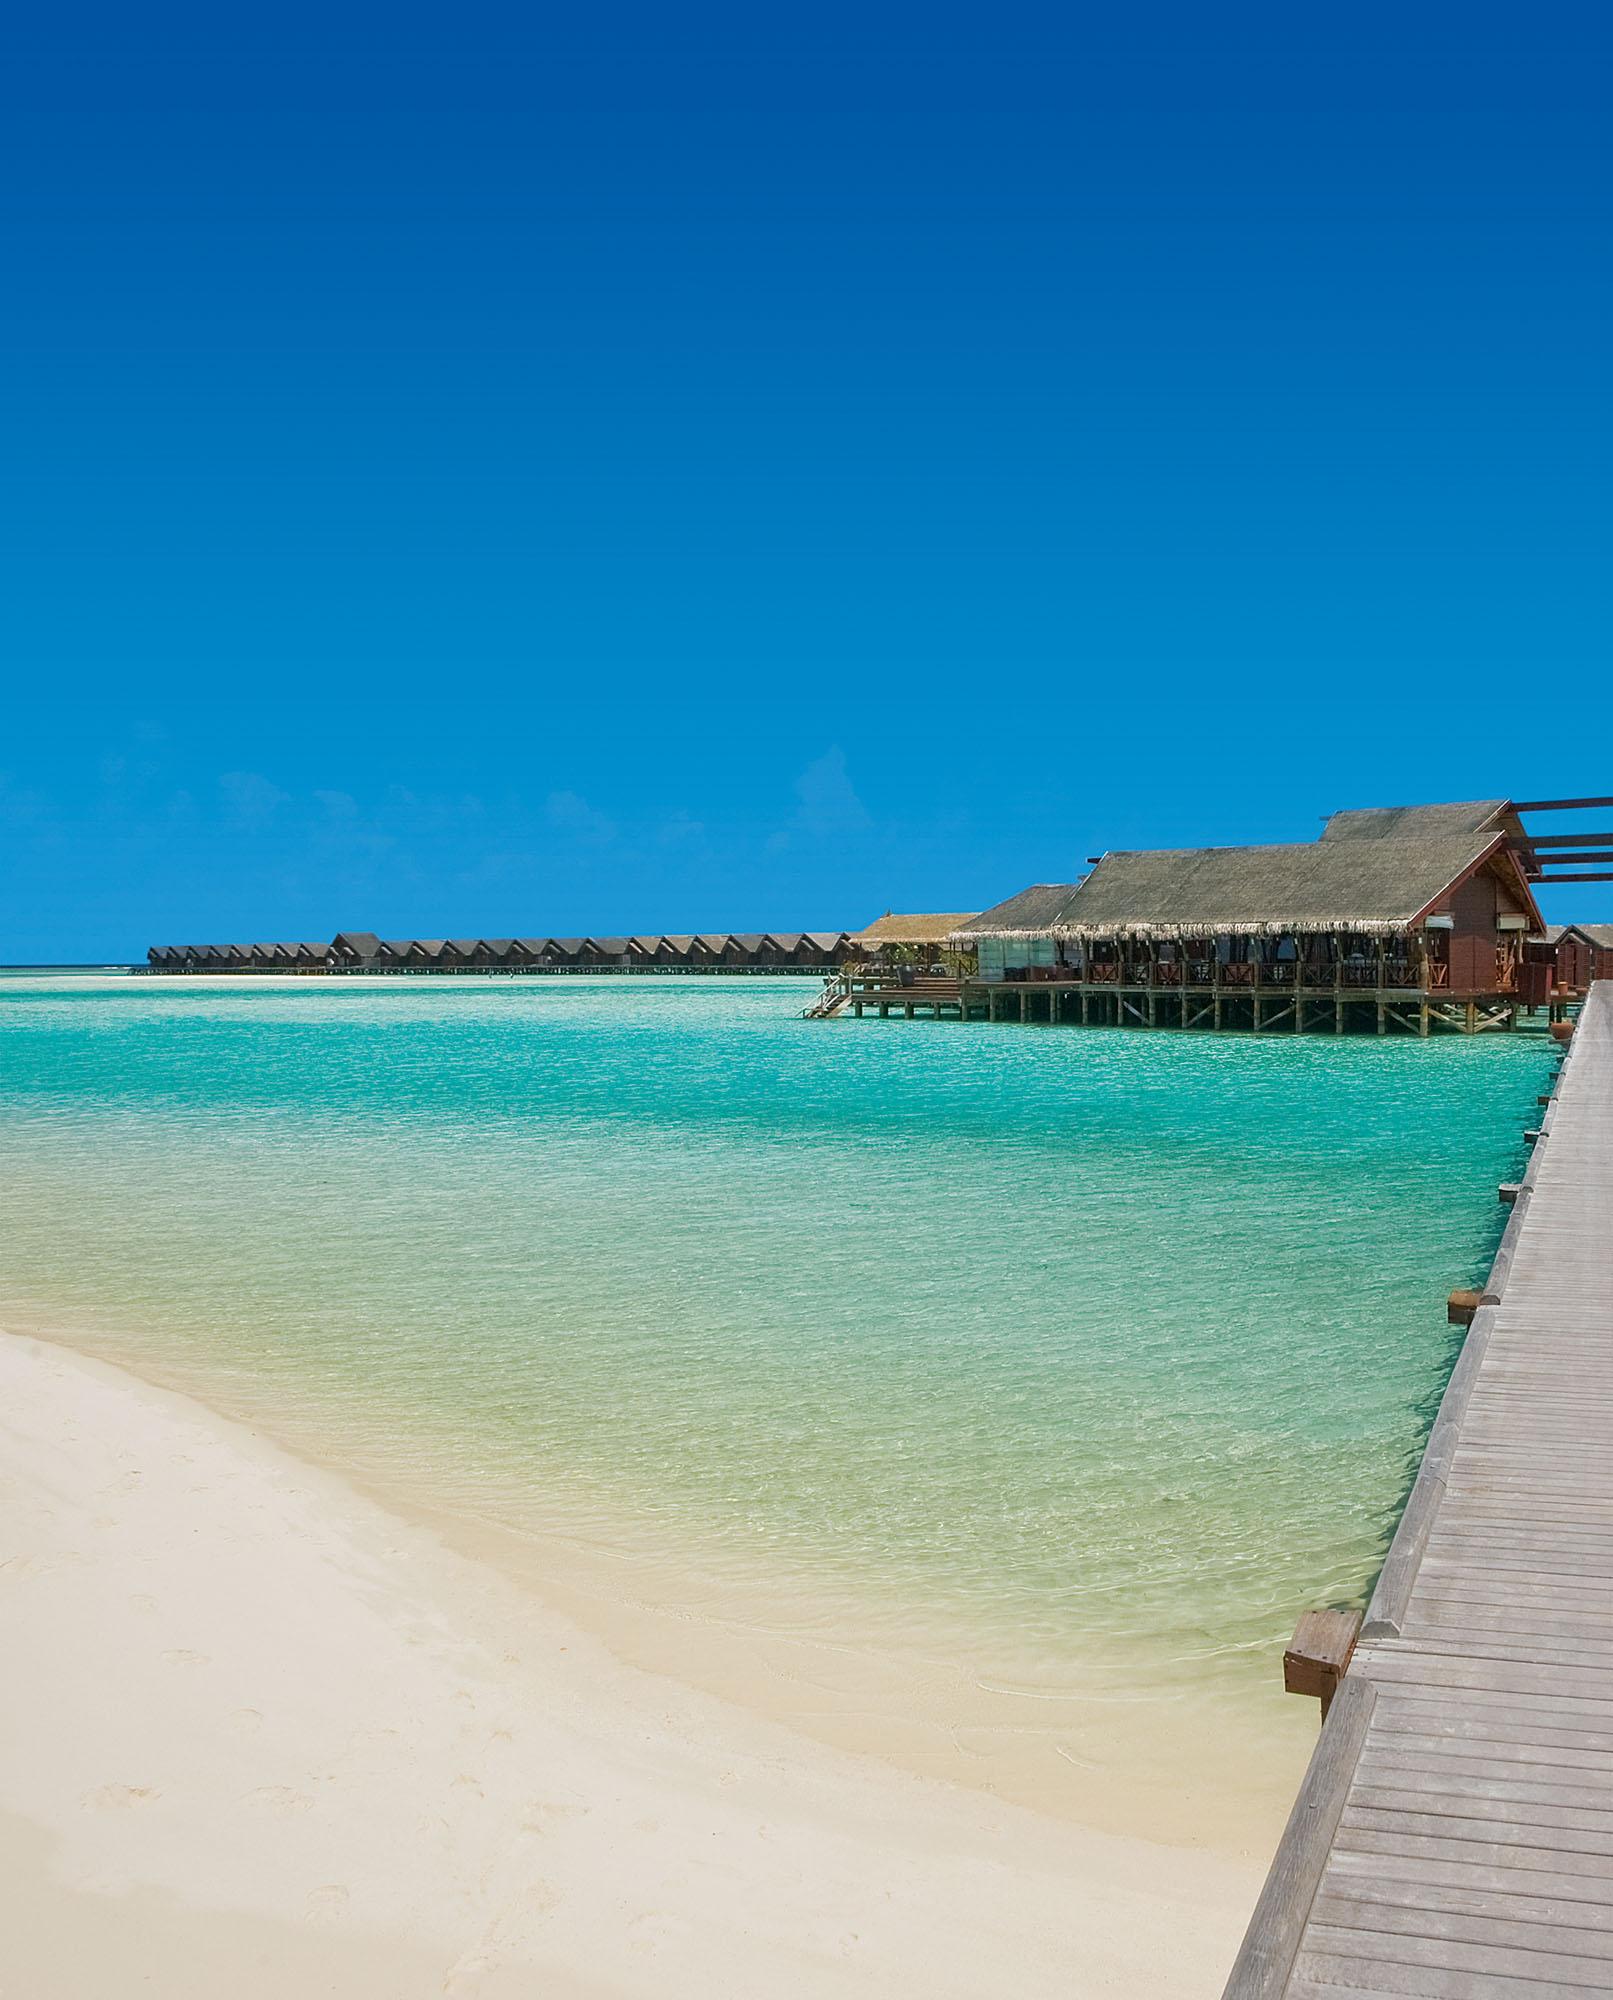 LUX-Maldives-09